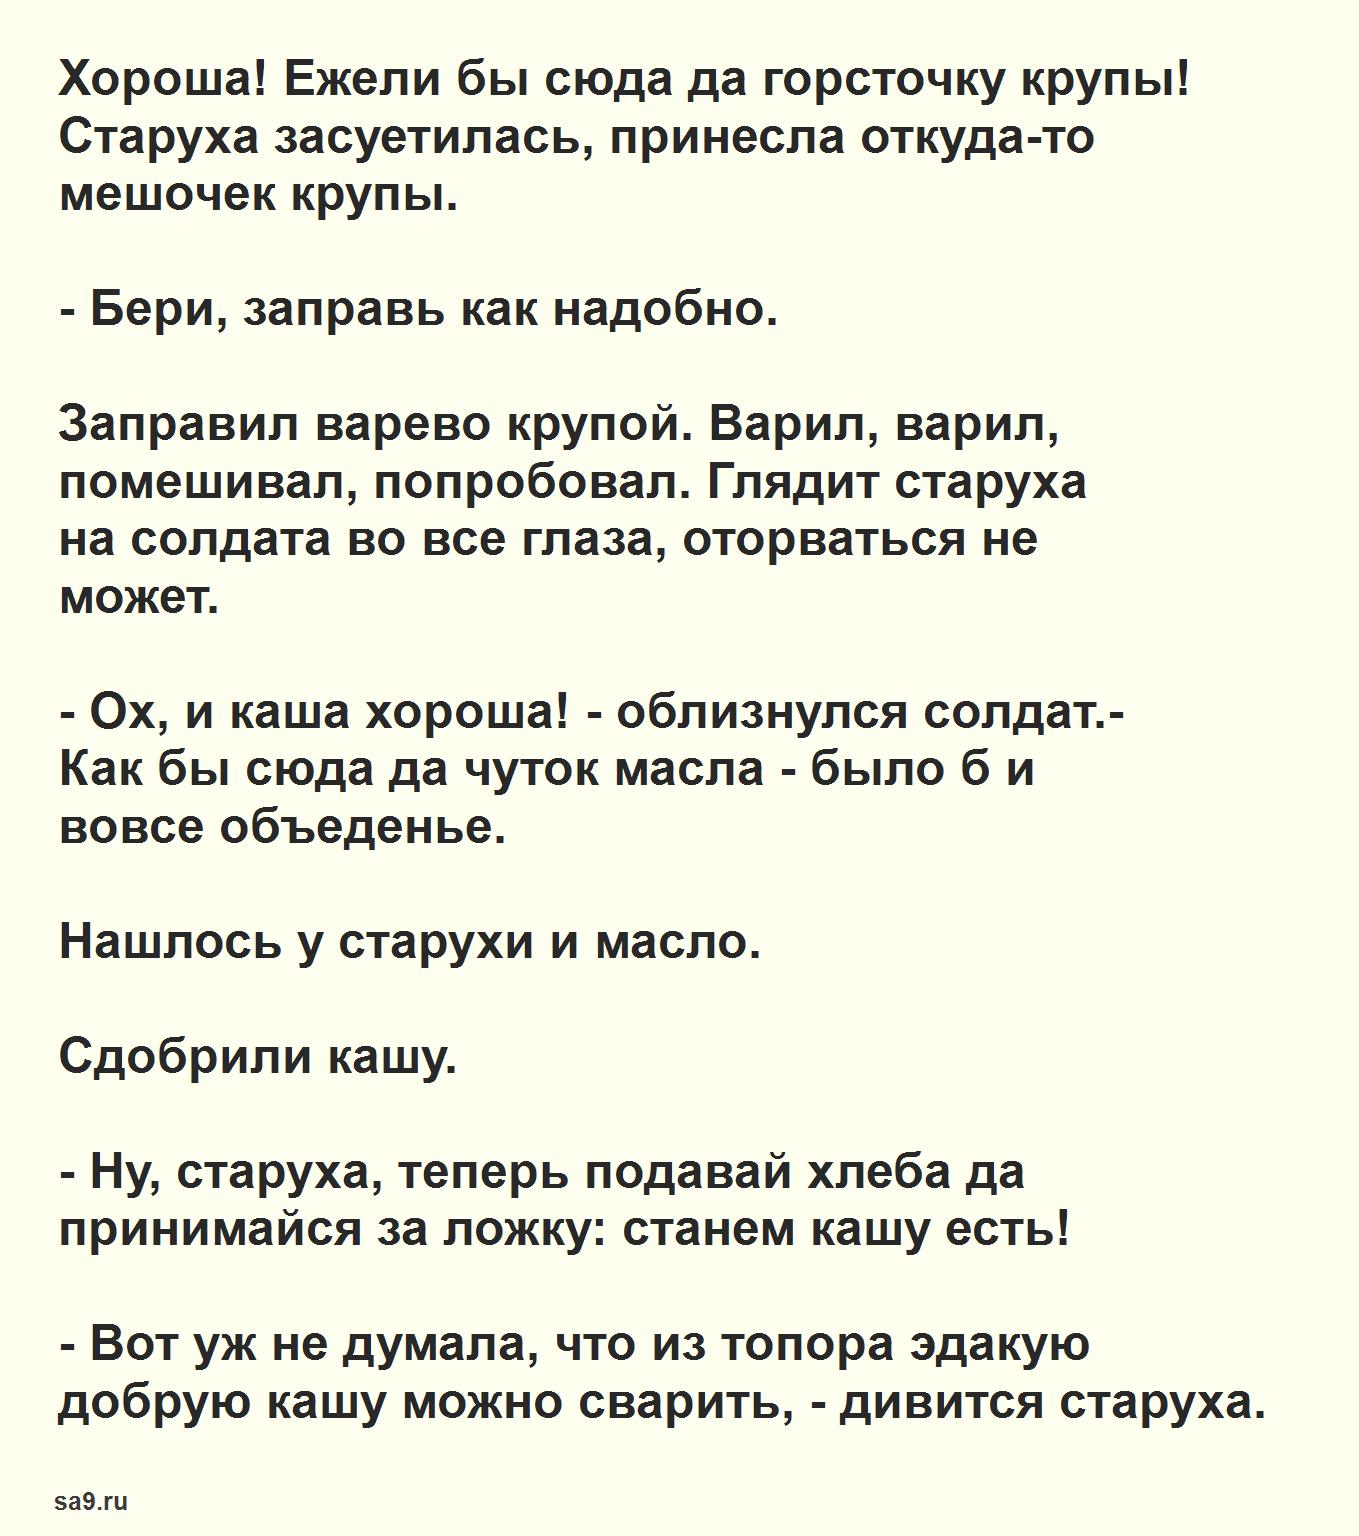 Русская народная сказка - Каша из топора, читать онлайн бесплатно